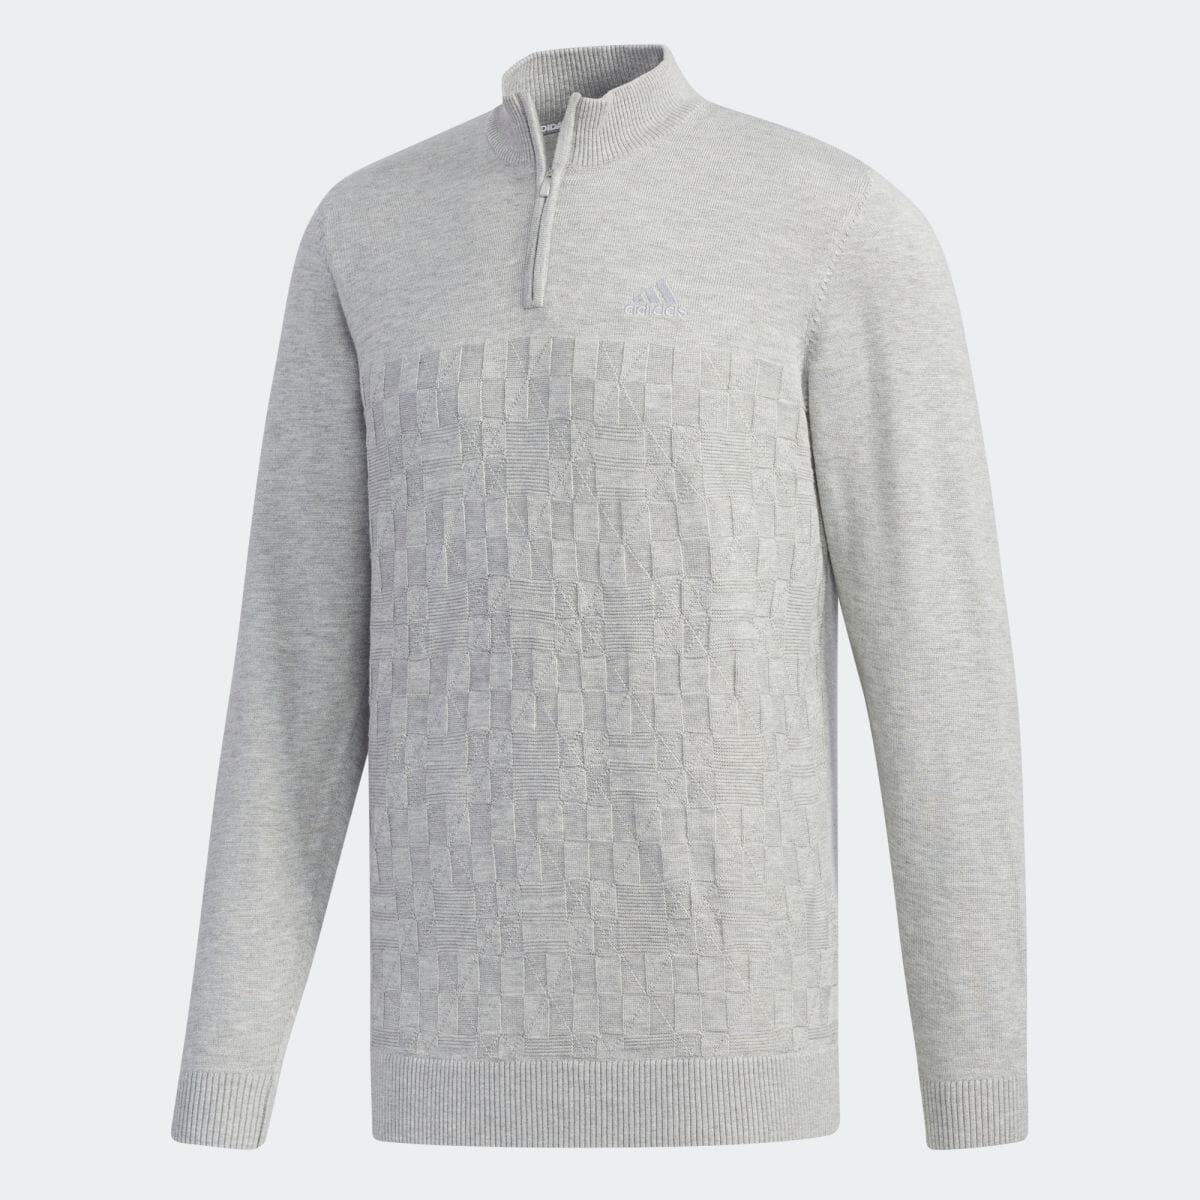 【公式】アディダス adidas ジャカードパターン L/Sジップアップセーター【ゴルフ】 メンズ ゴルフ ウェア トップス セーター EH3672